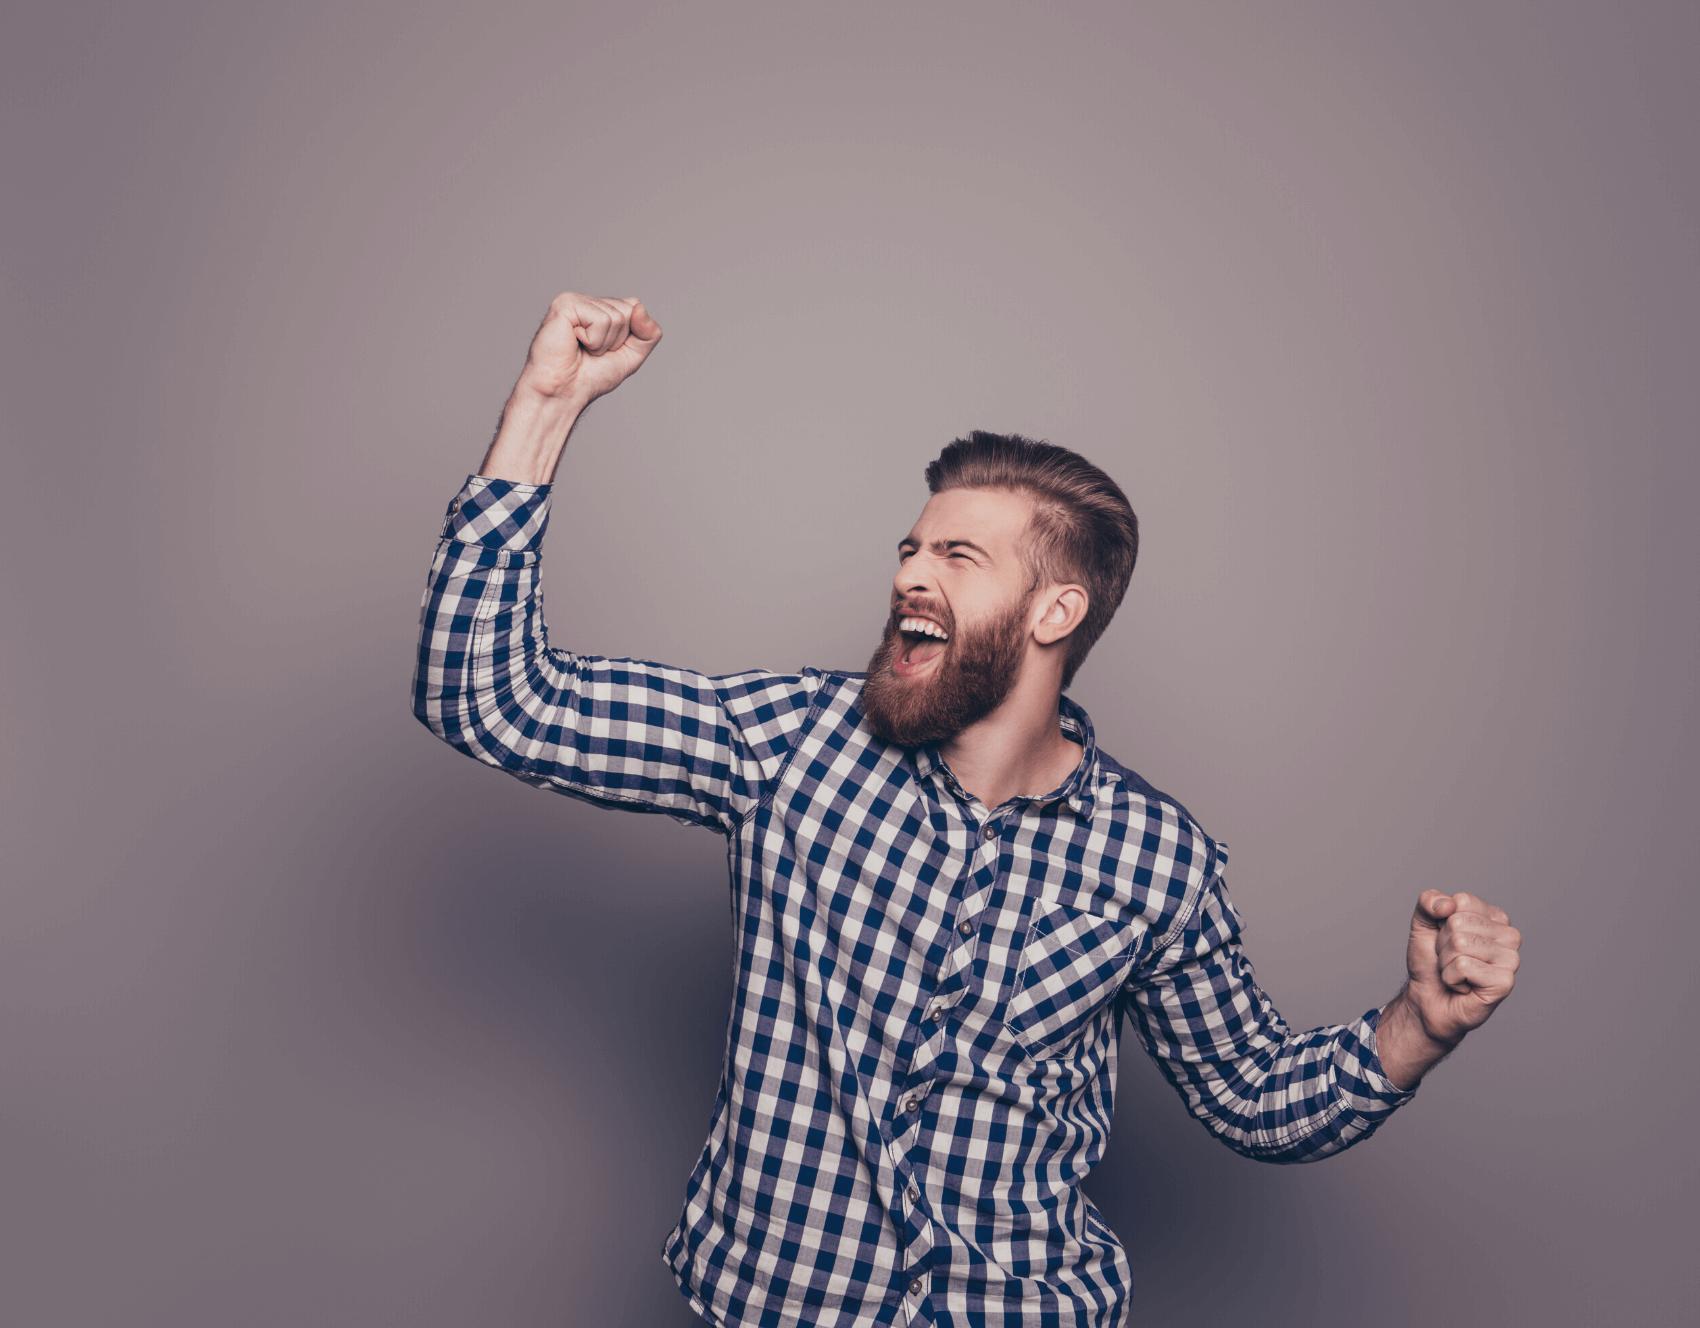 Glücklicher Mann mit gehobenen Händen schreit vor Freude